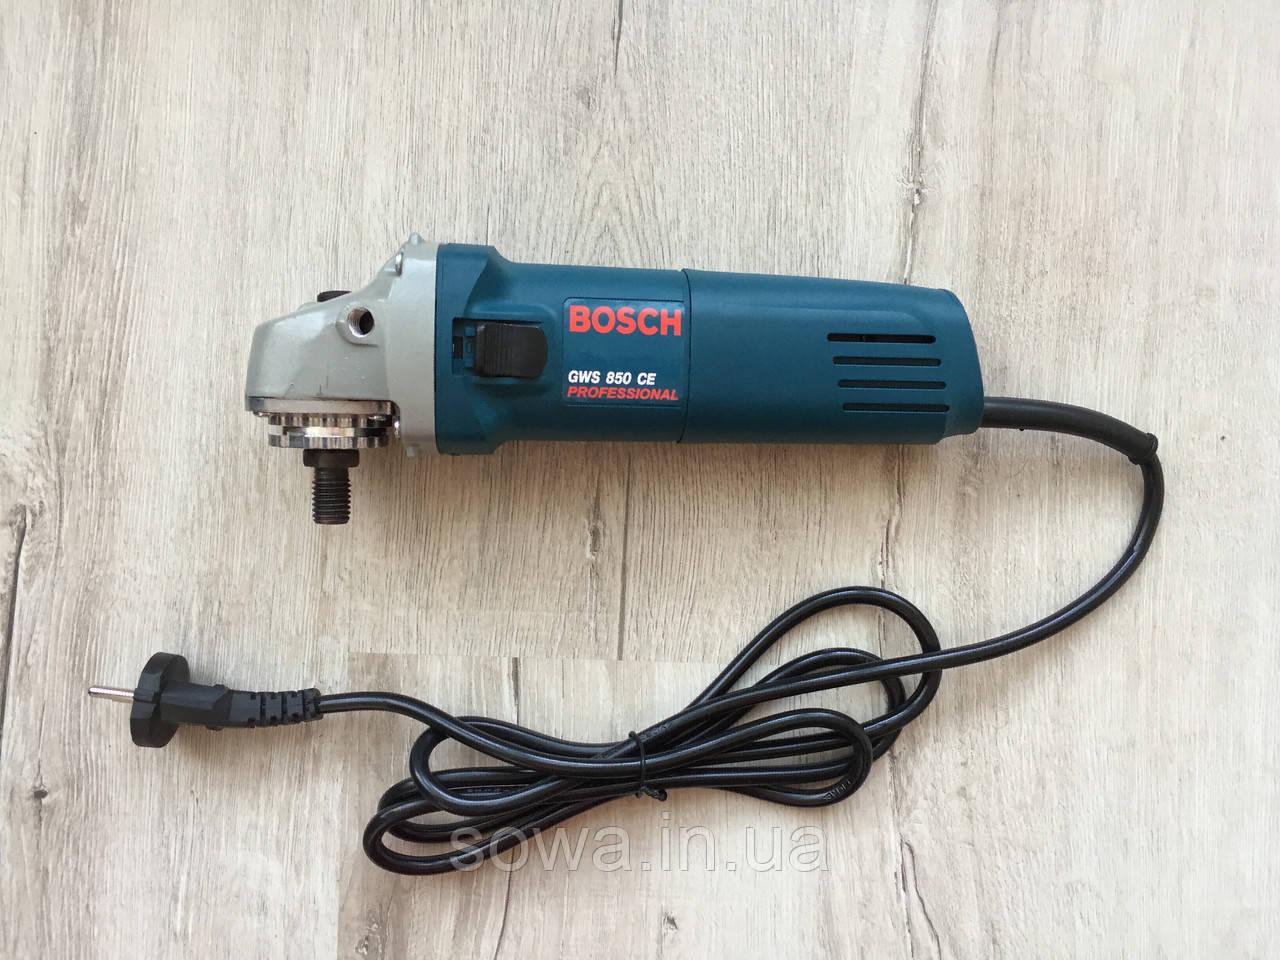 ✔️ Болгарка Bosch/Bosch GWS 850CE з регулятором обертів ( 125 мм, 850 Вт )